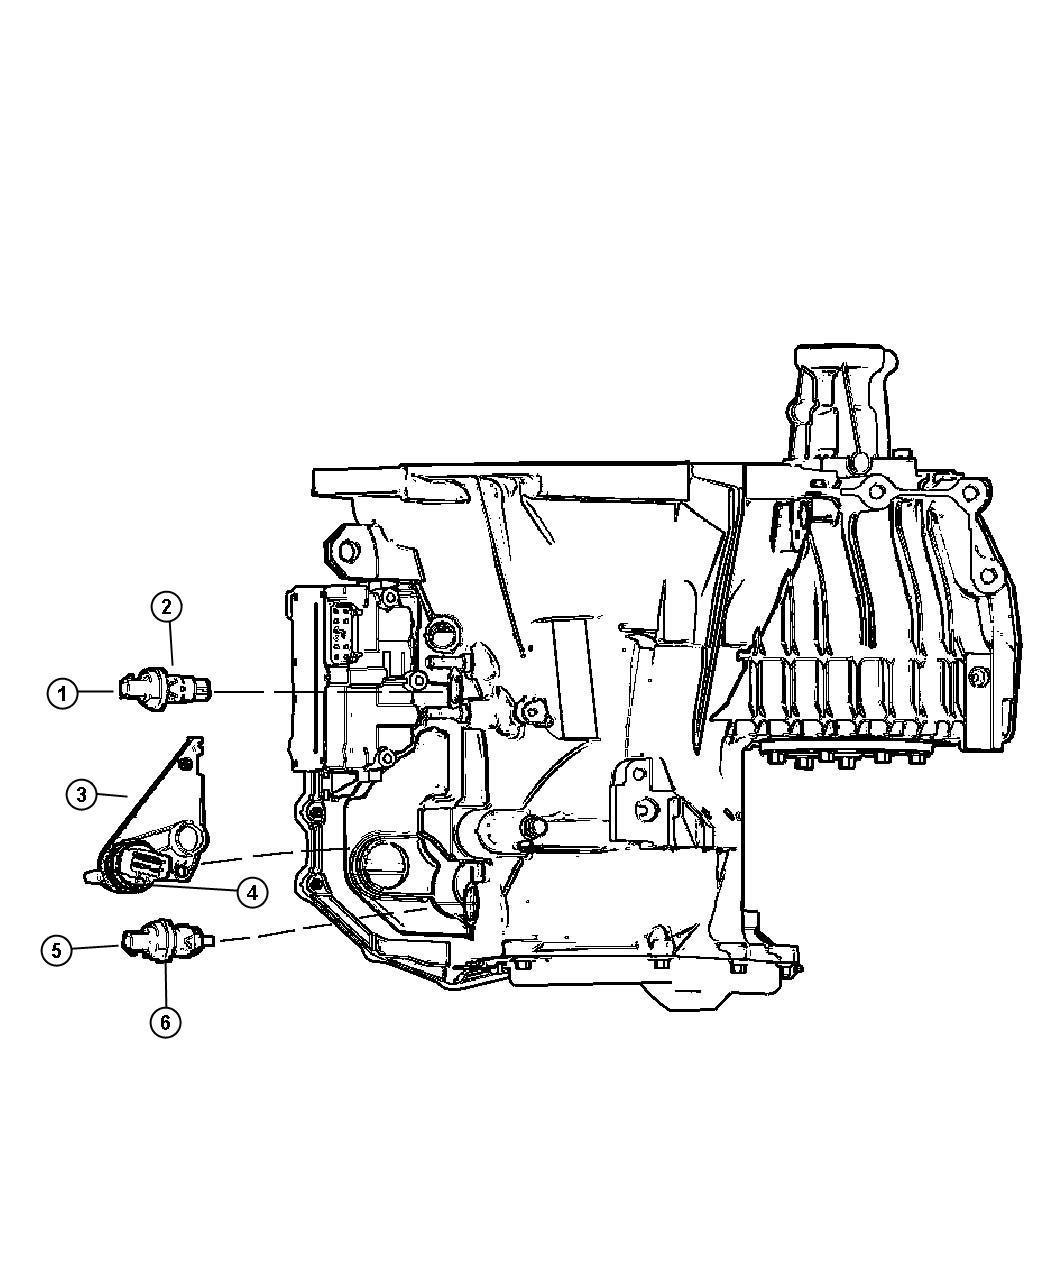 Dodge Intrepid Sensors Transmission